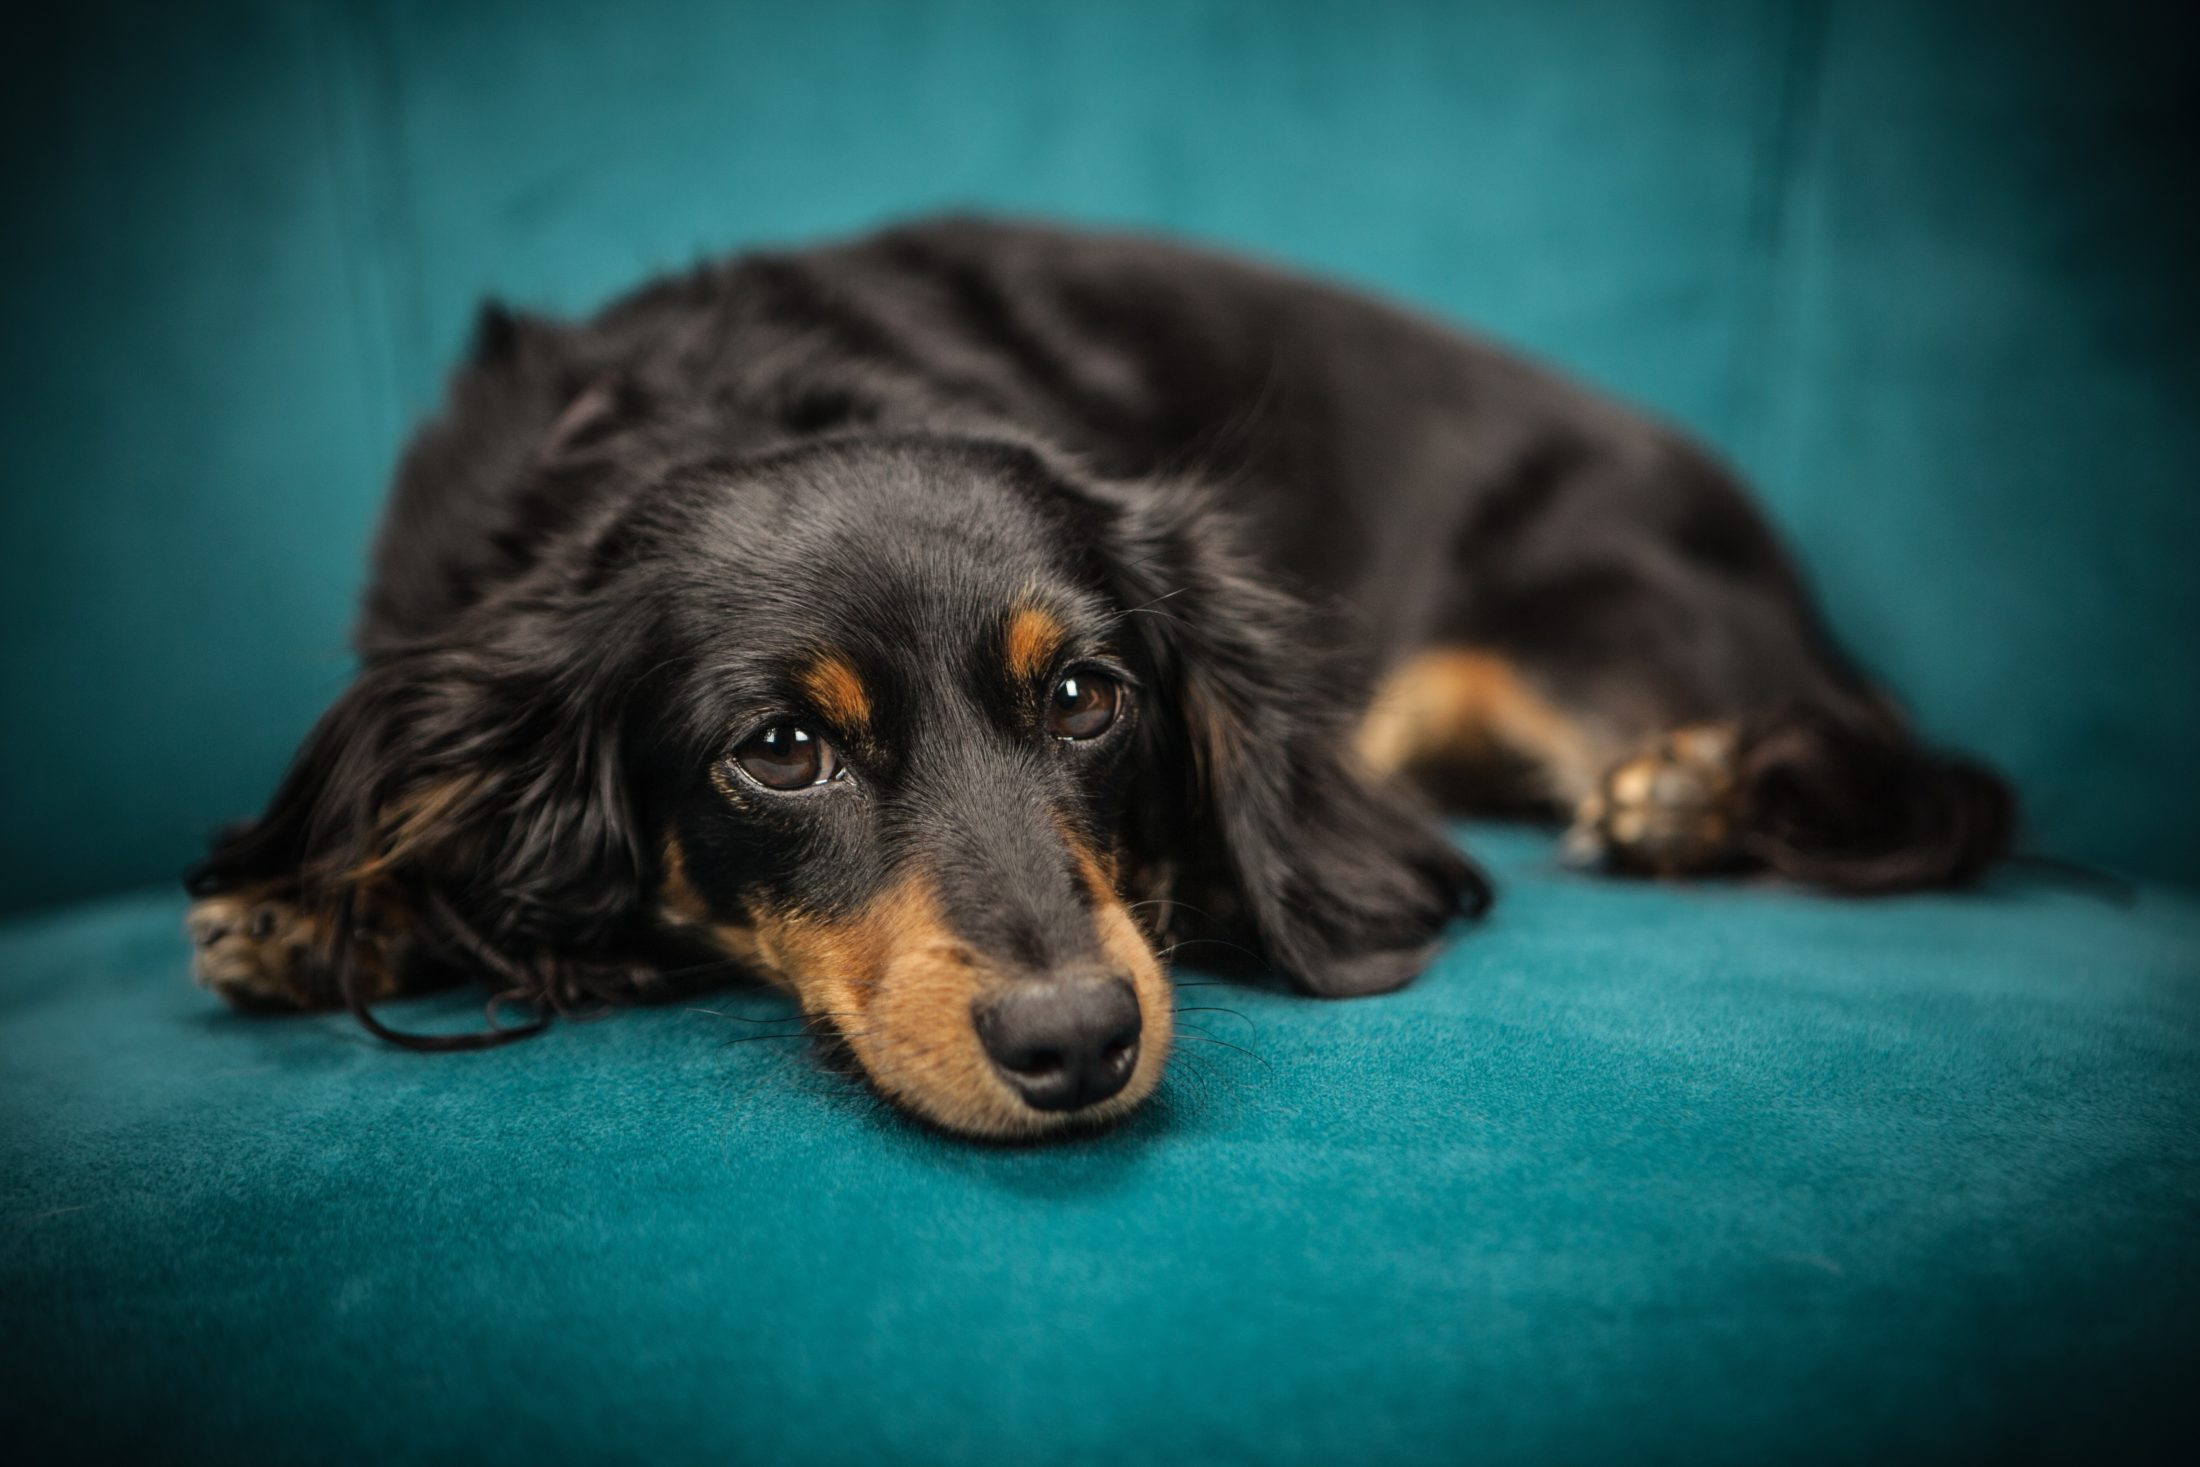 cachorro carente necessita de afeto e atenção